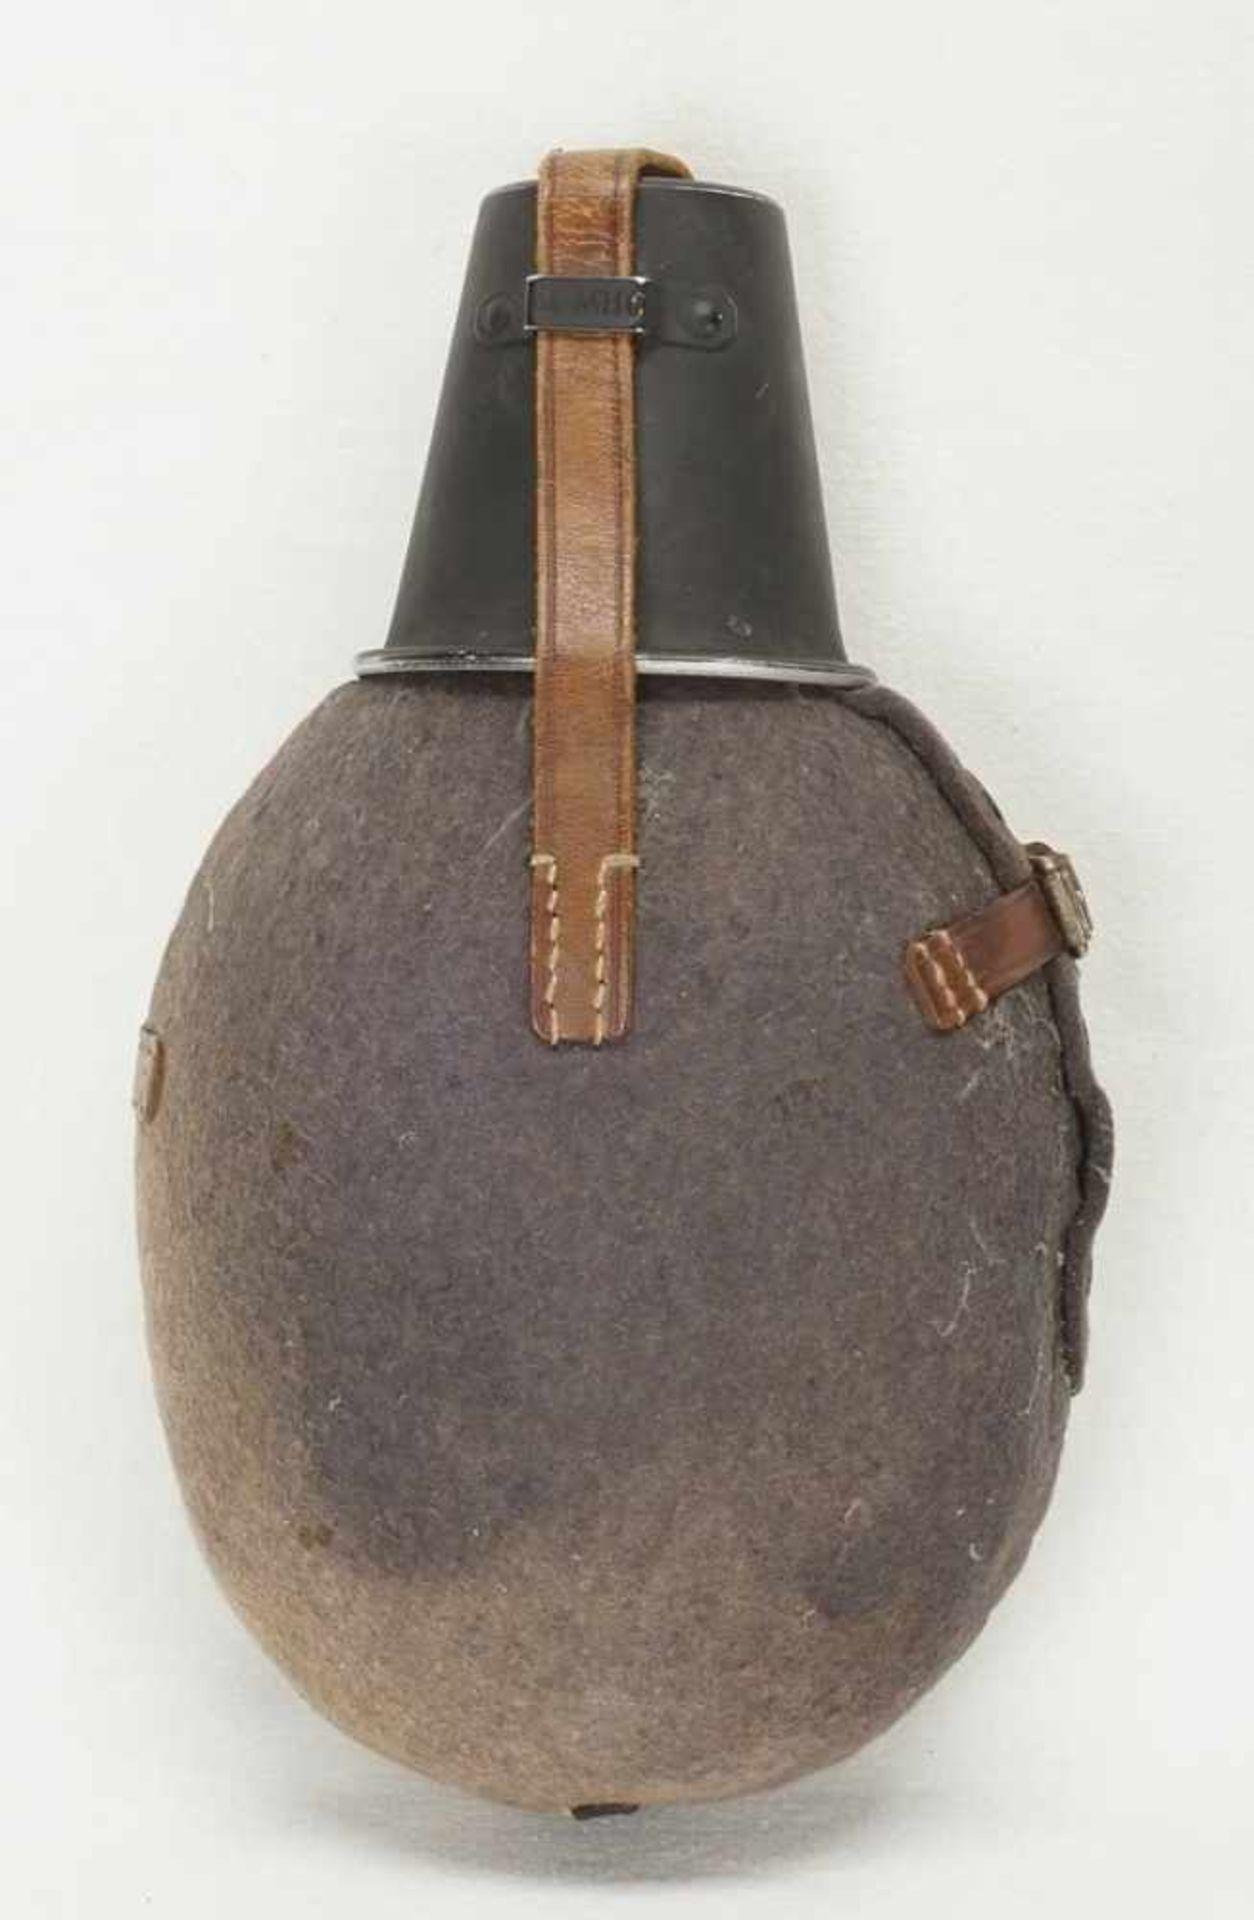 HJ - Trommel und Feldflasche - Bild 4 aus 4